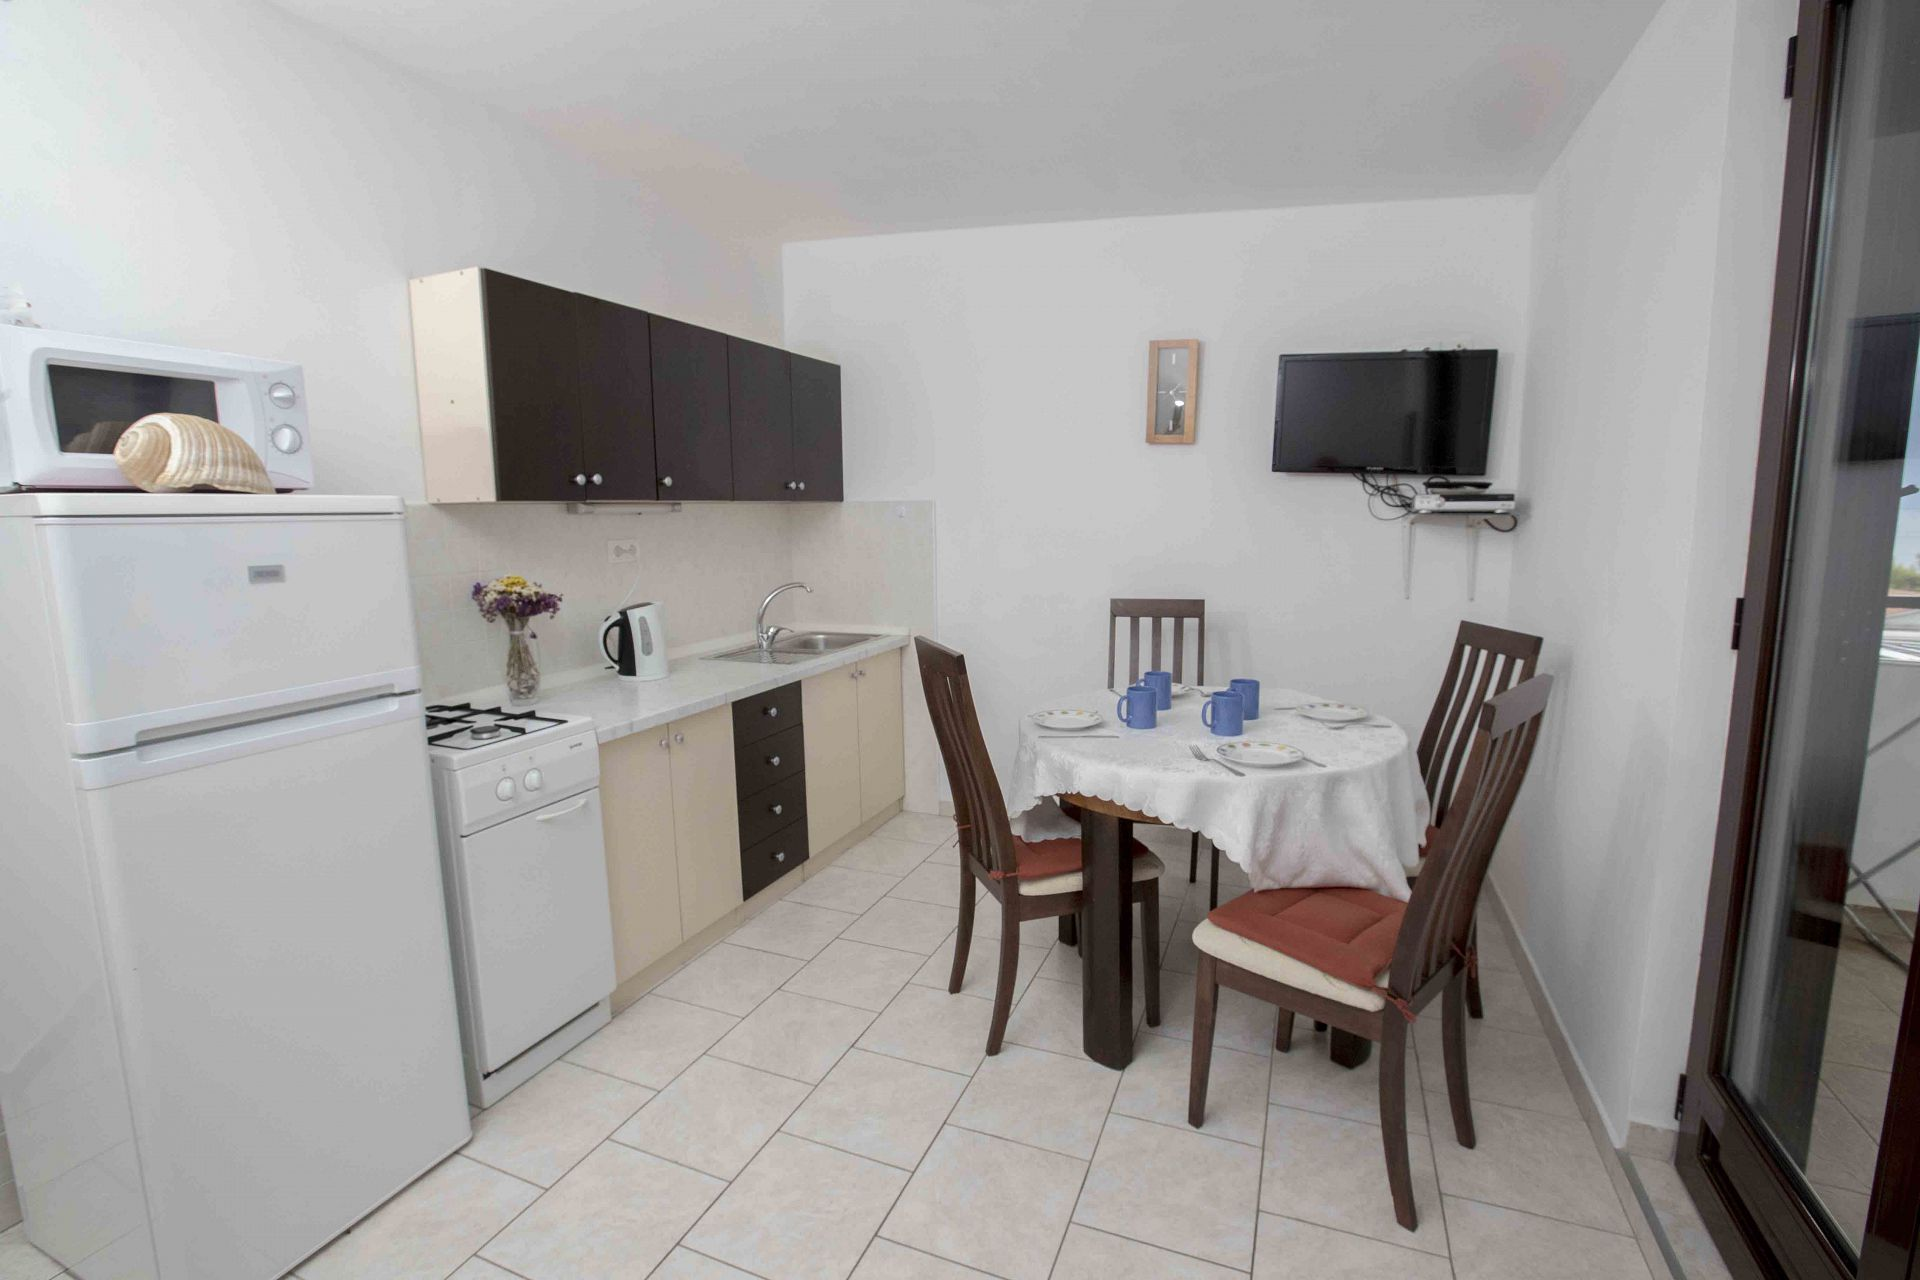 00603ZAVA - Zavala - Appartementen Kroatië - Mario(4+1): keuken en eetkamer